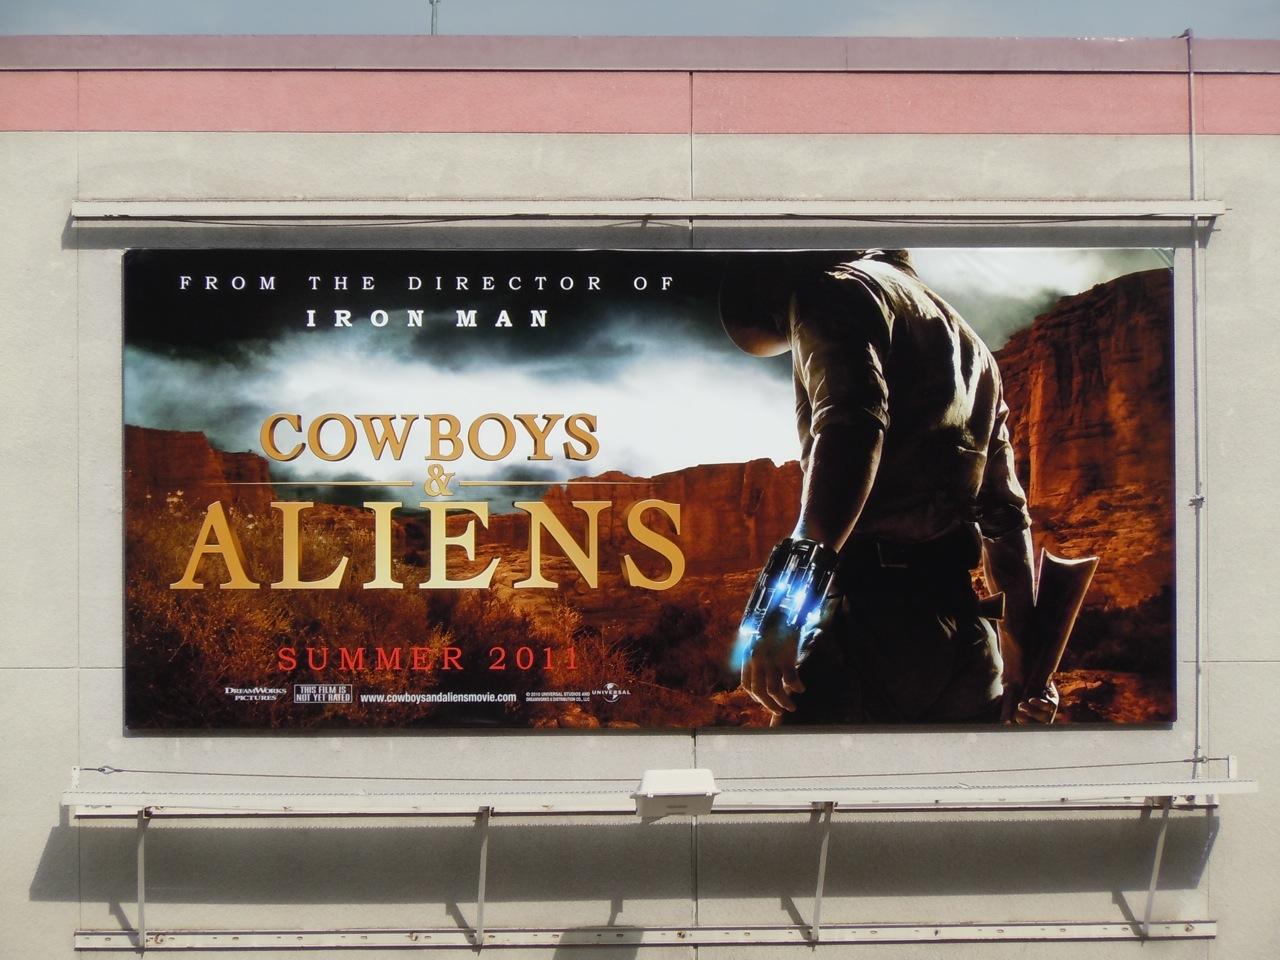 http://2.bp.blogspot.com/_GIchwvJ-aNk/TSecRSVHg_I/AAAAAAAAYSY/FC5JAndVnbk/s1600/cowboys%252Baliens%252Bmovie%252Bbillboard.jpg